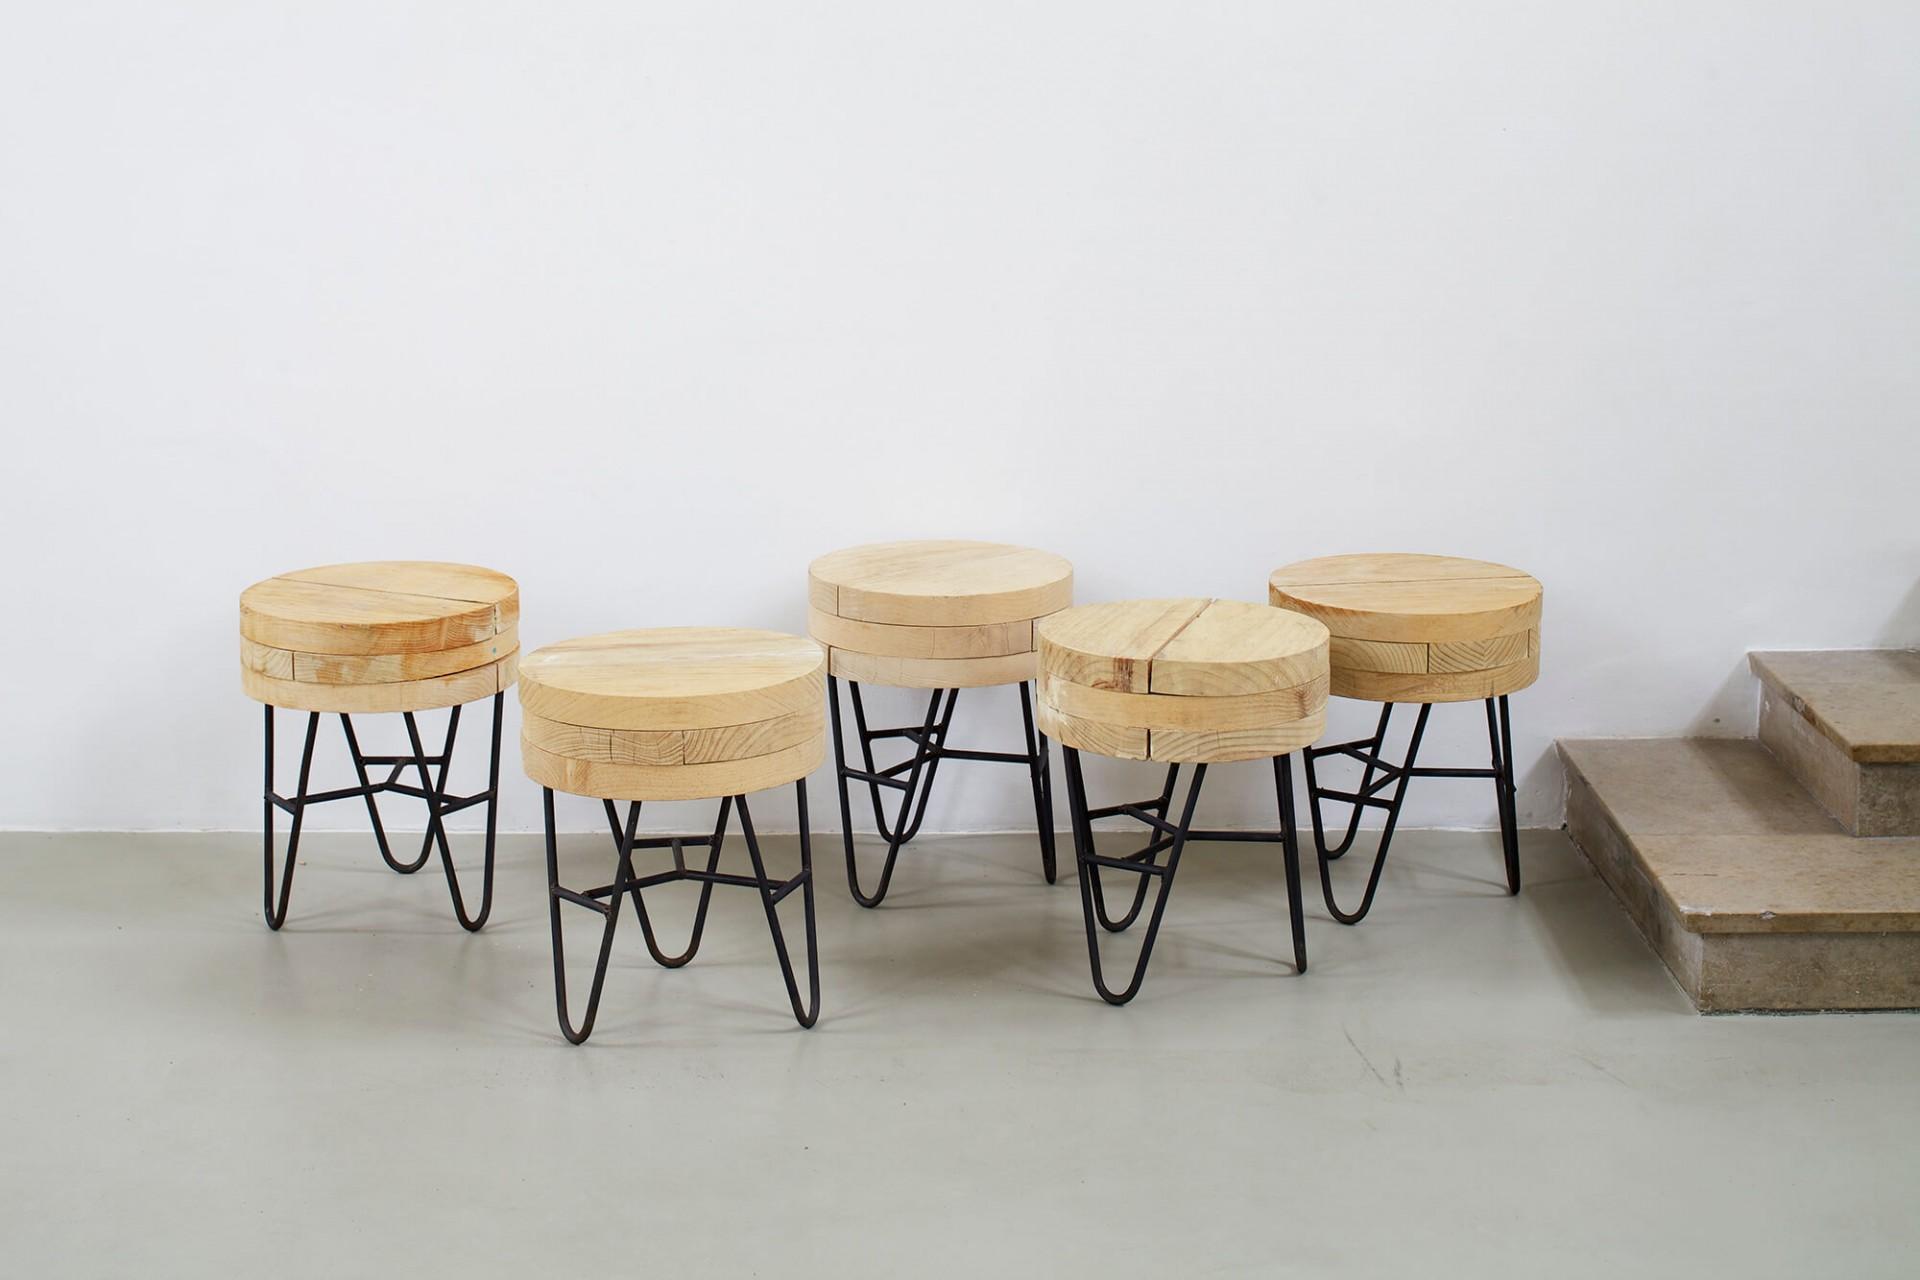 Muebles Manuel Arranca Stool